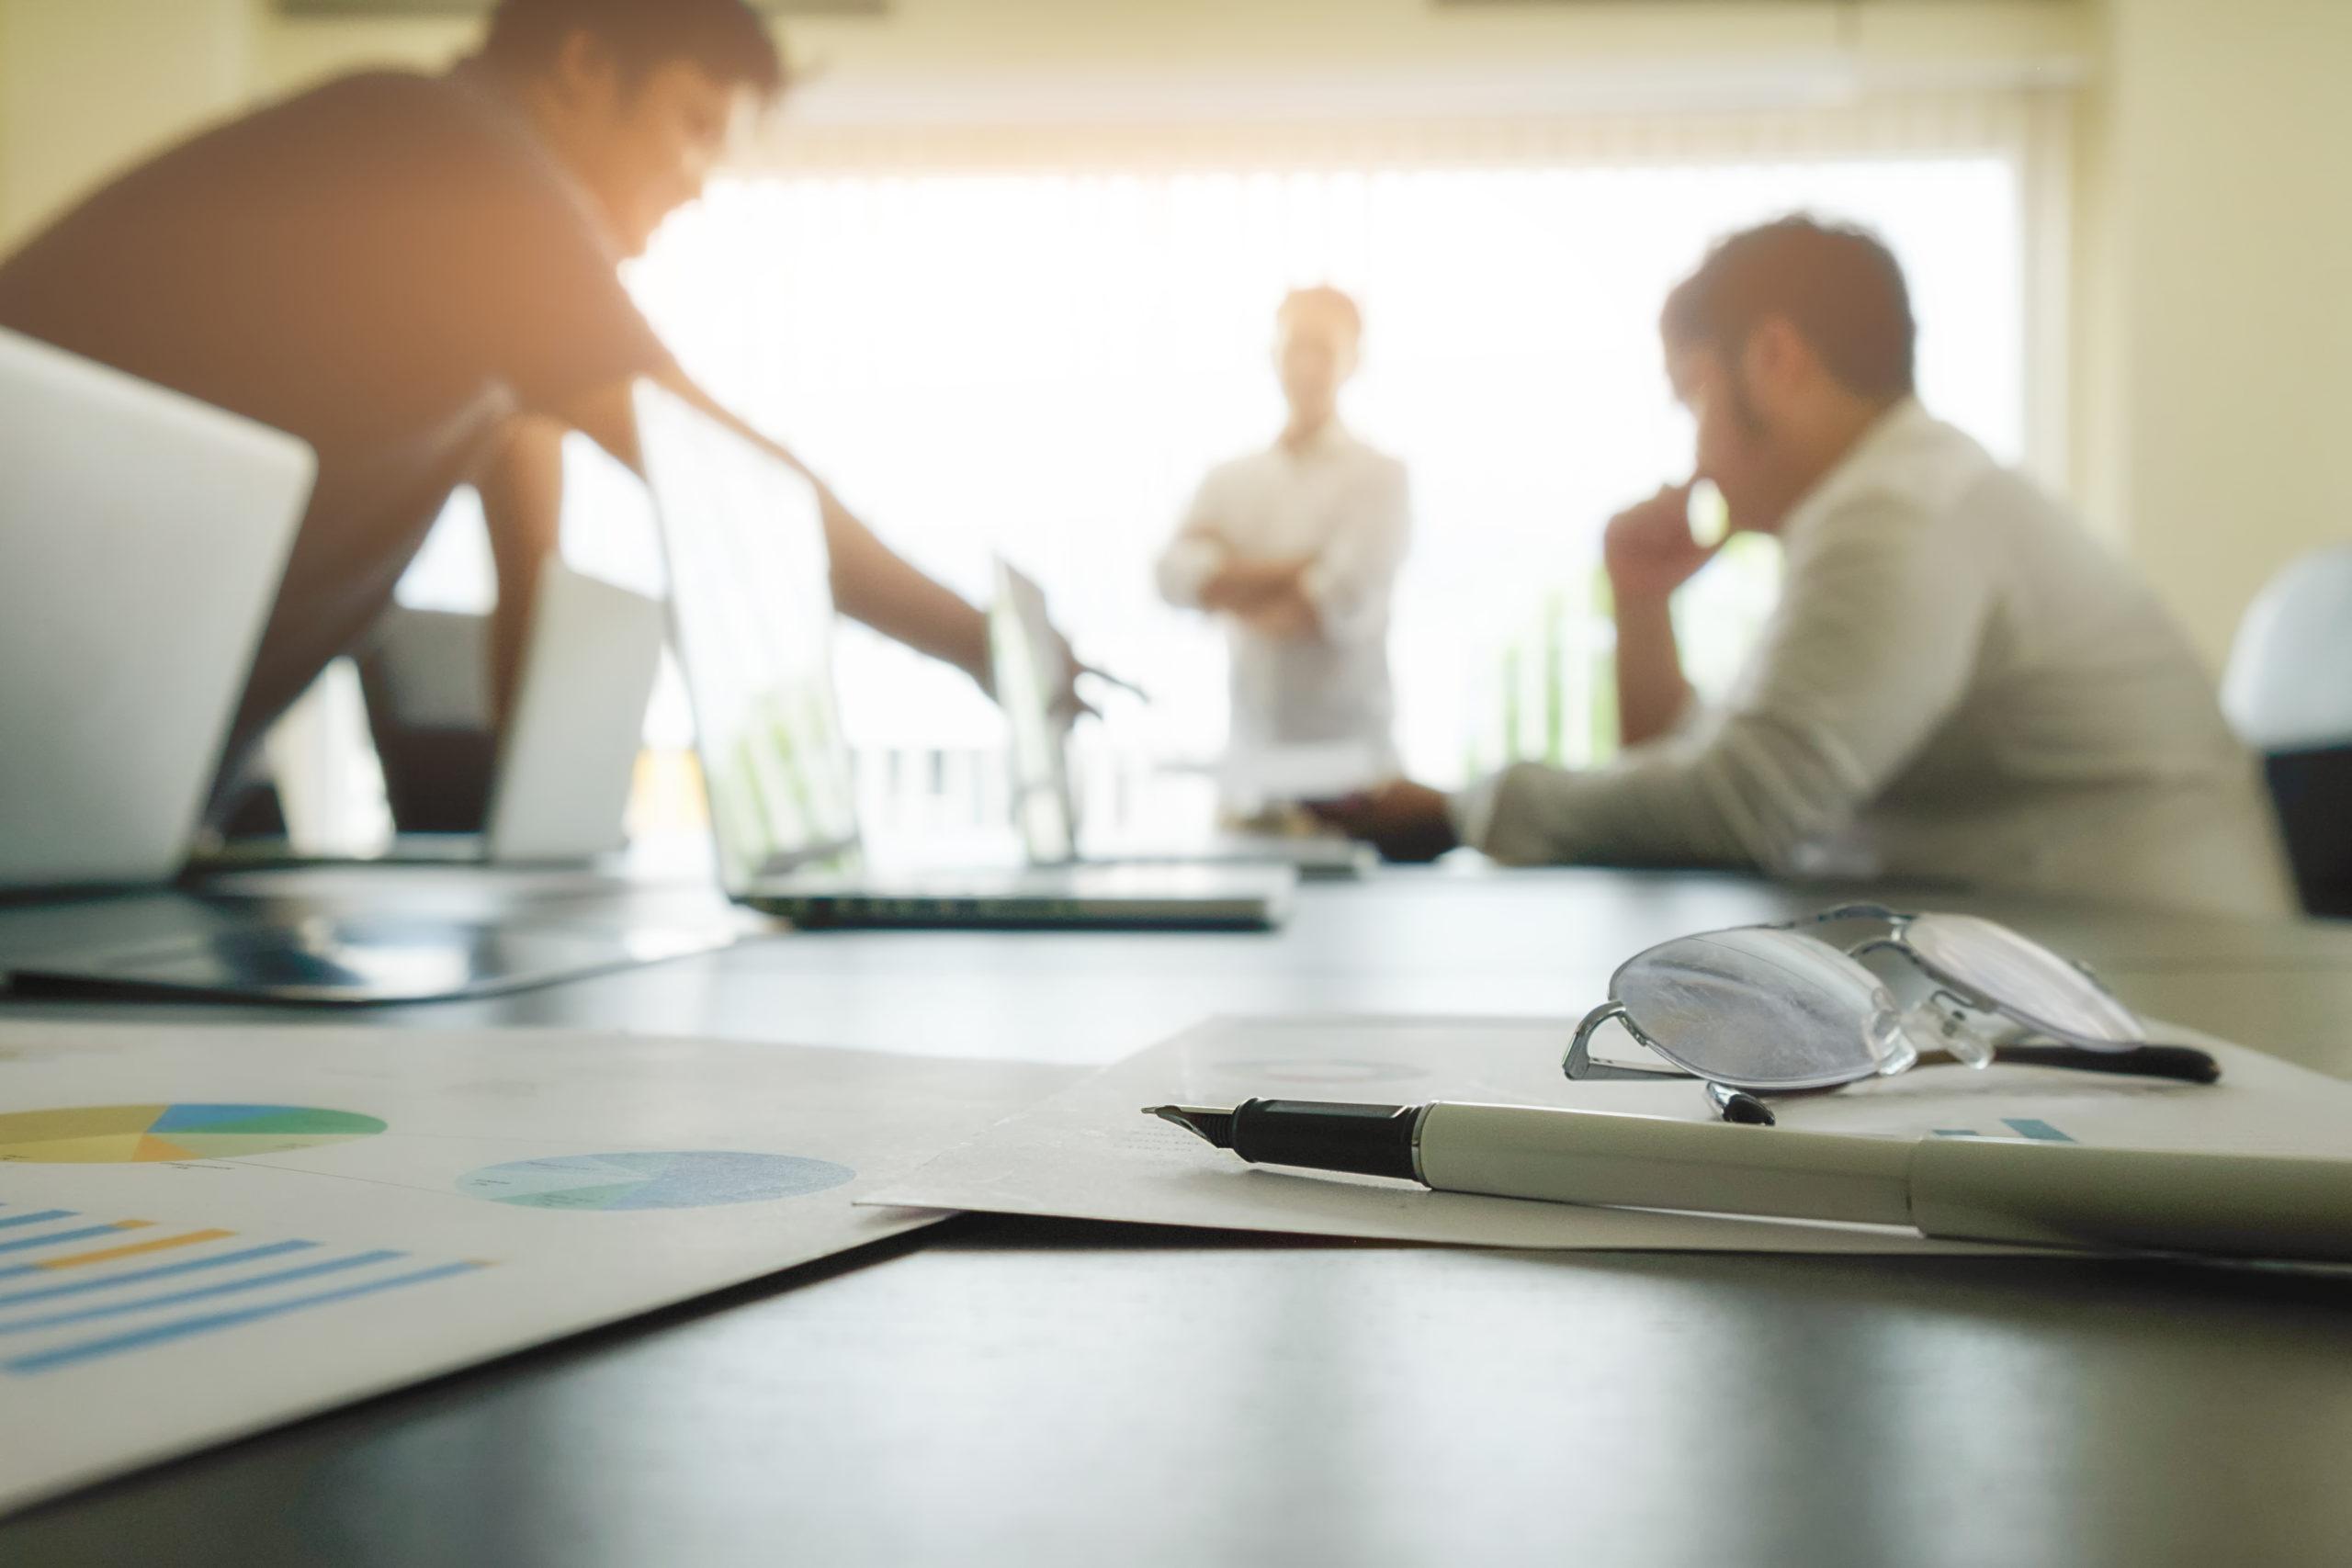 regres a ubezpieczenie biura rachunkowego